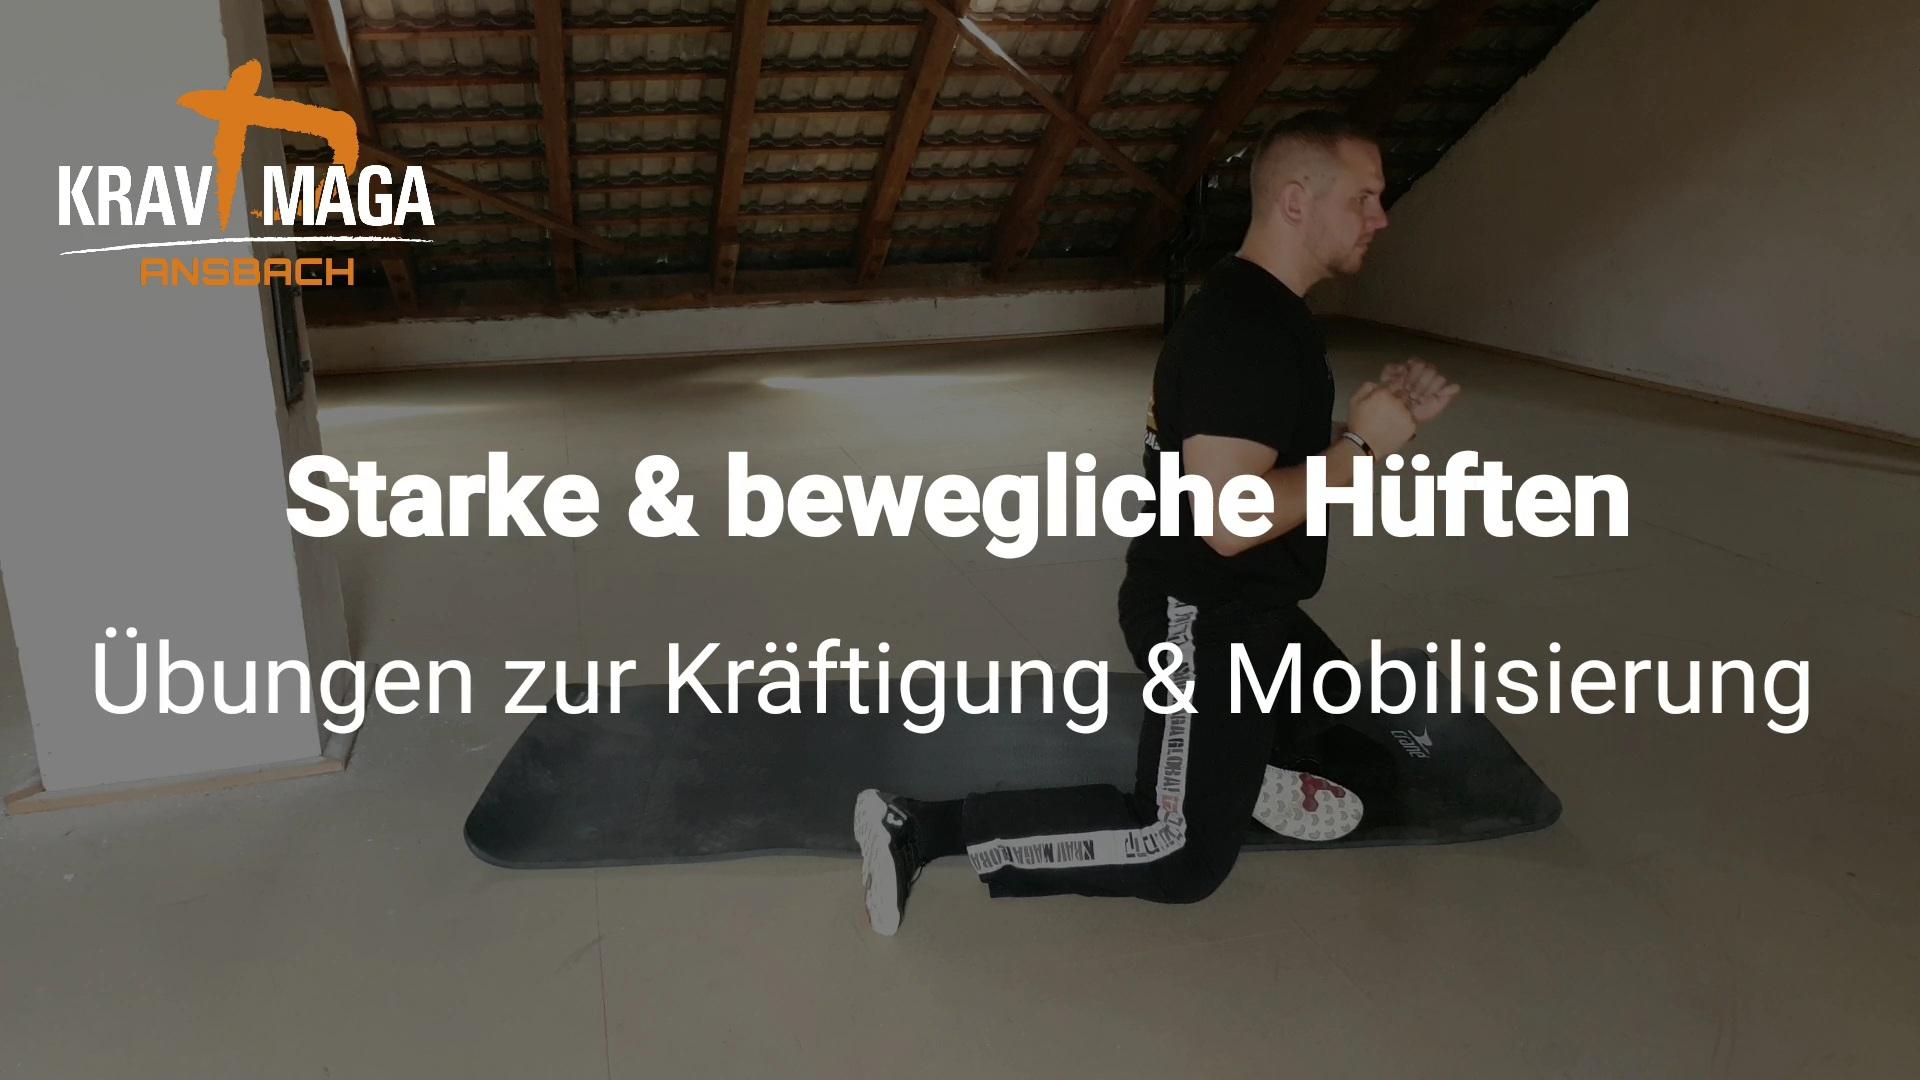 Starke & bewegliche Hüften - Übungen zur Kräftigung & Mobilisierung